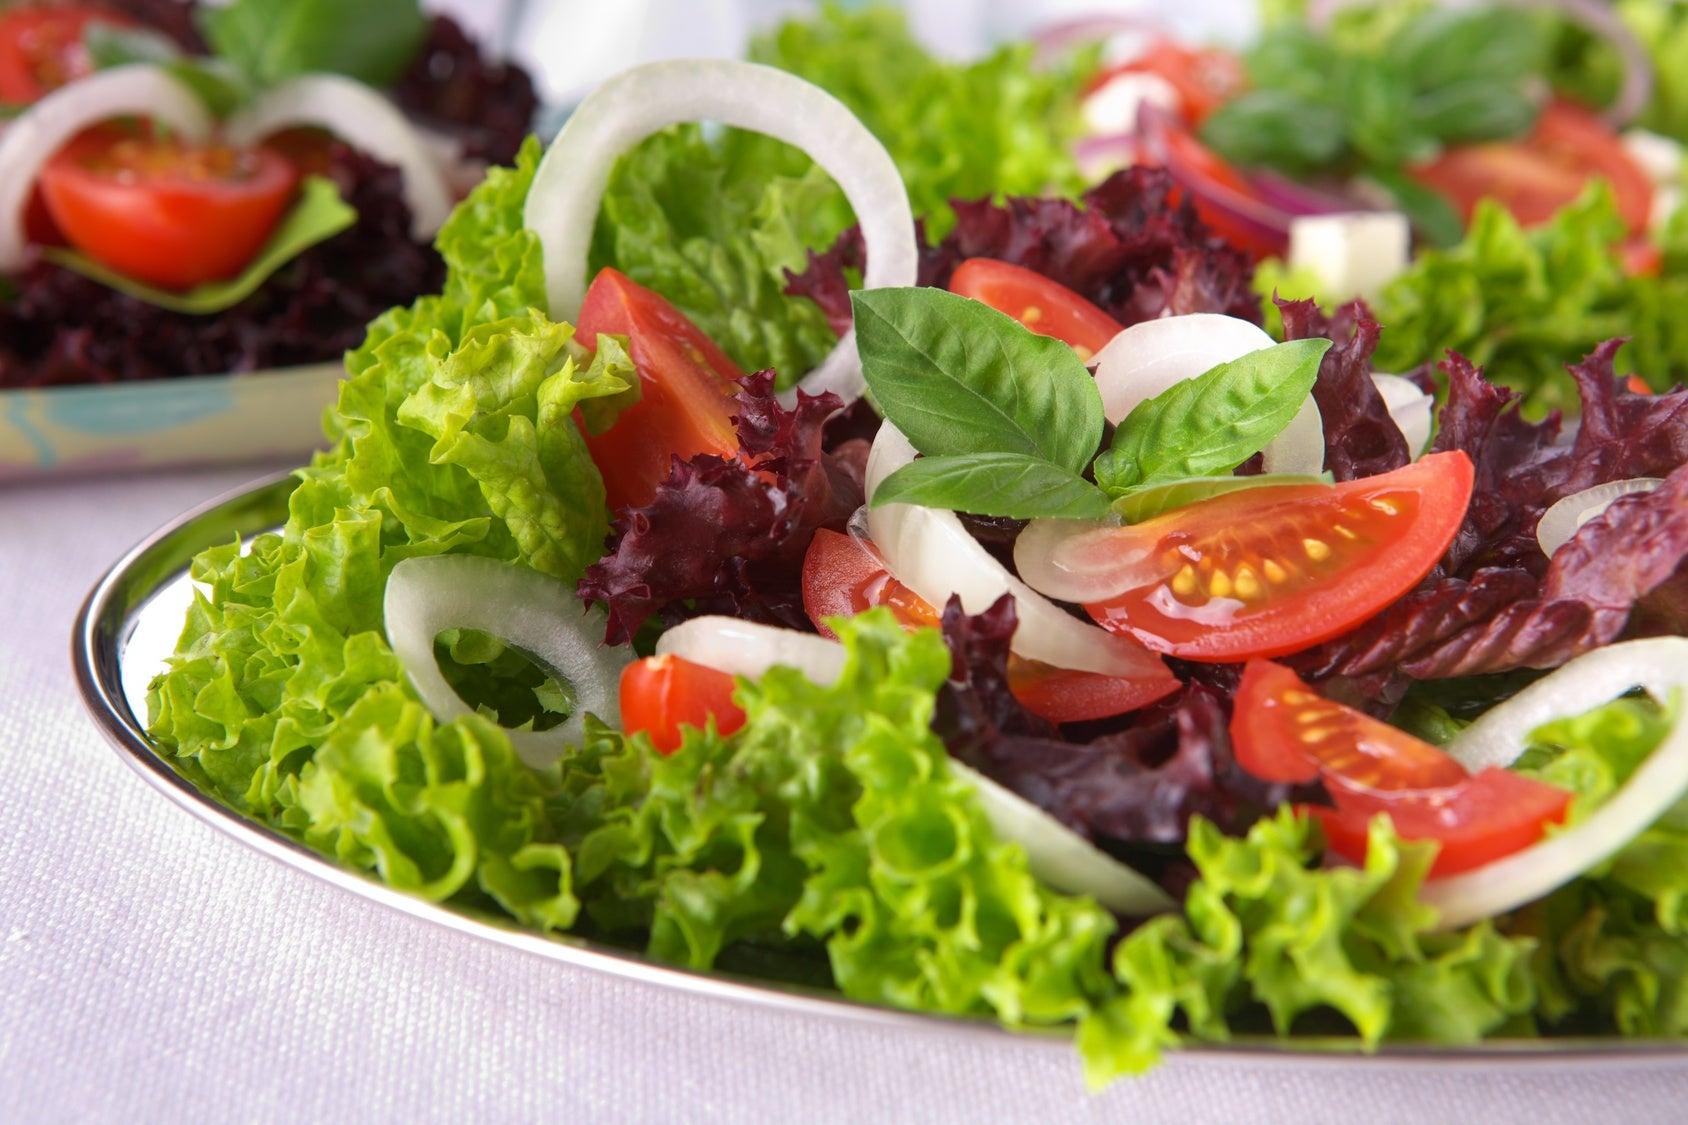 Ingredientes de ensaladas para bajar de peso